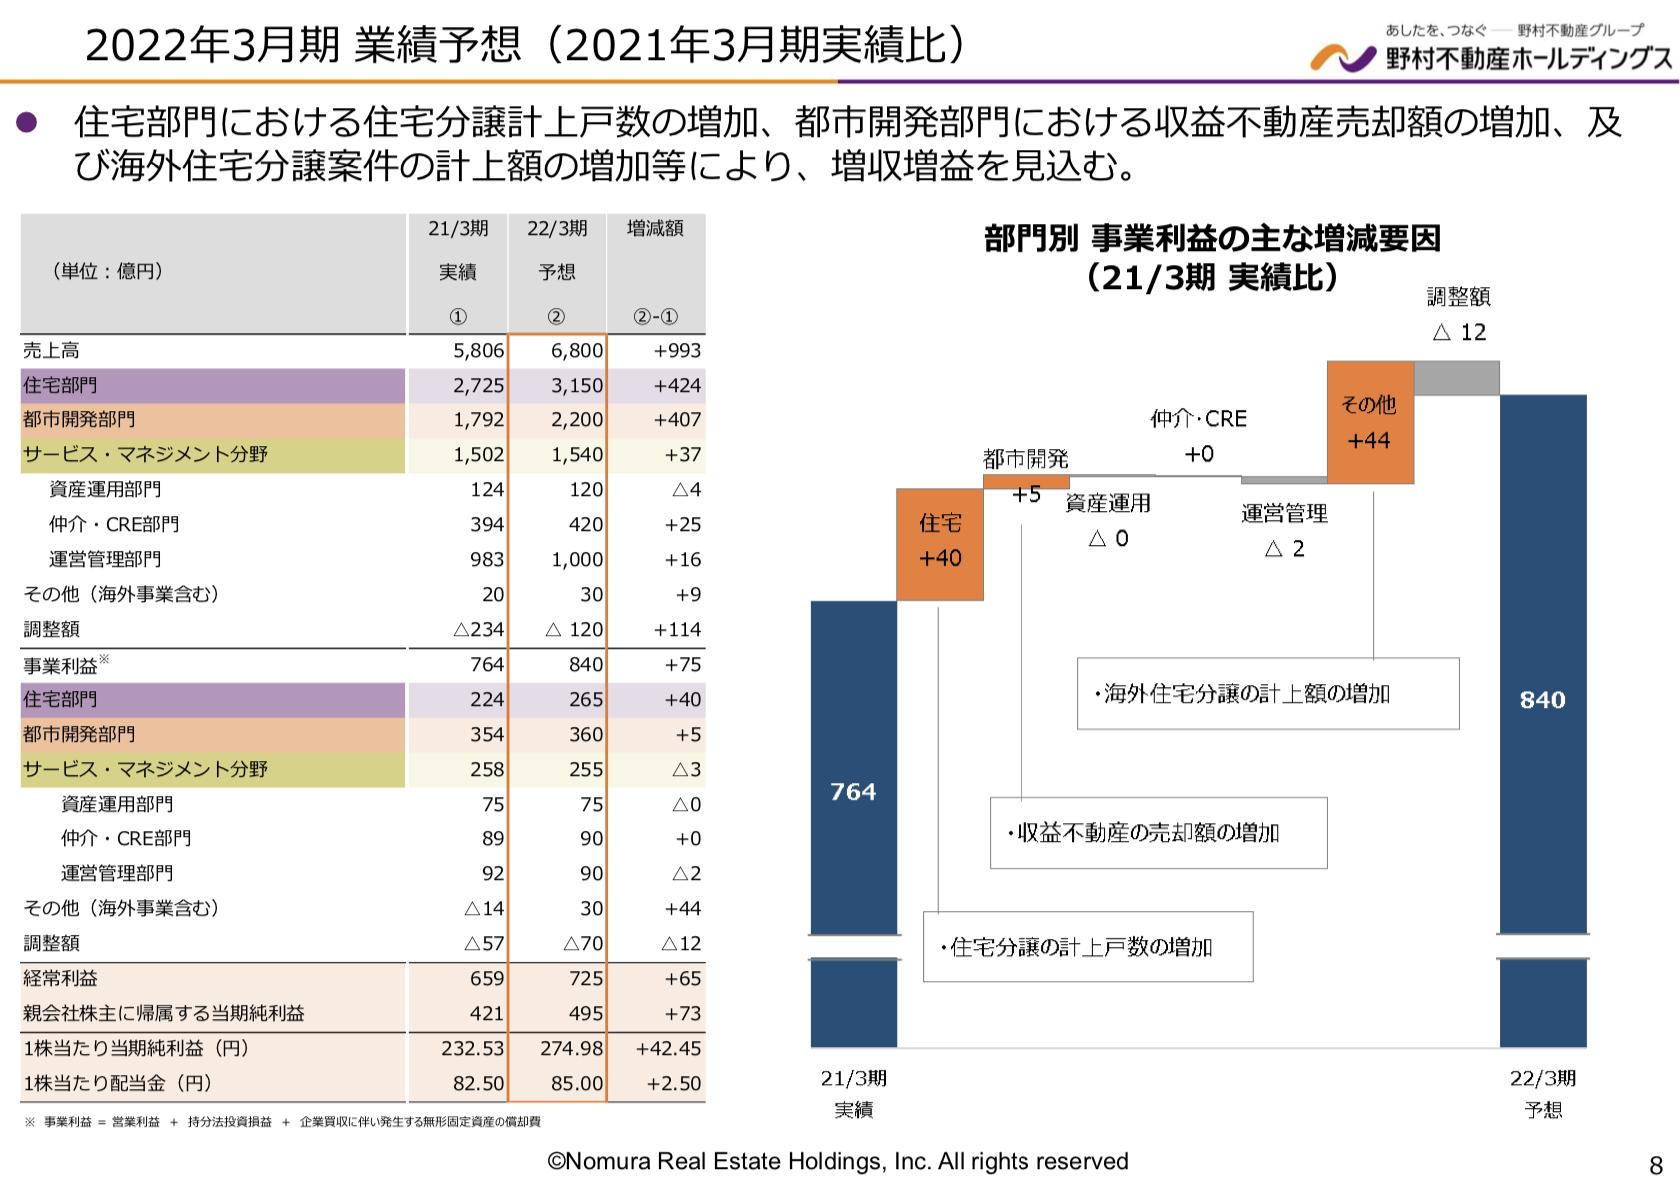 野村不動産 2021年度1四半期決算を徹底解説! さとり世代の株日記 資産運用